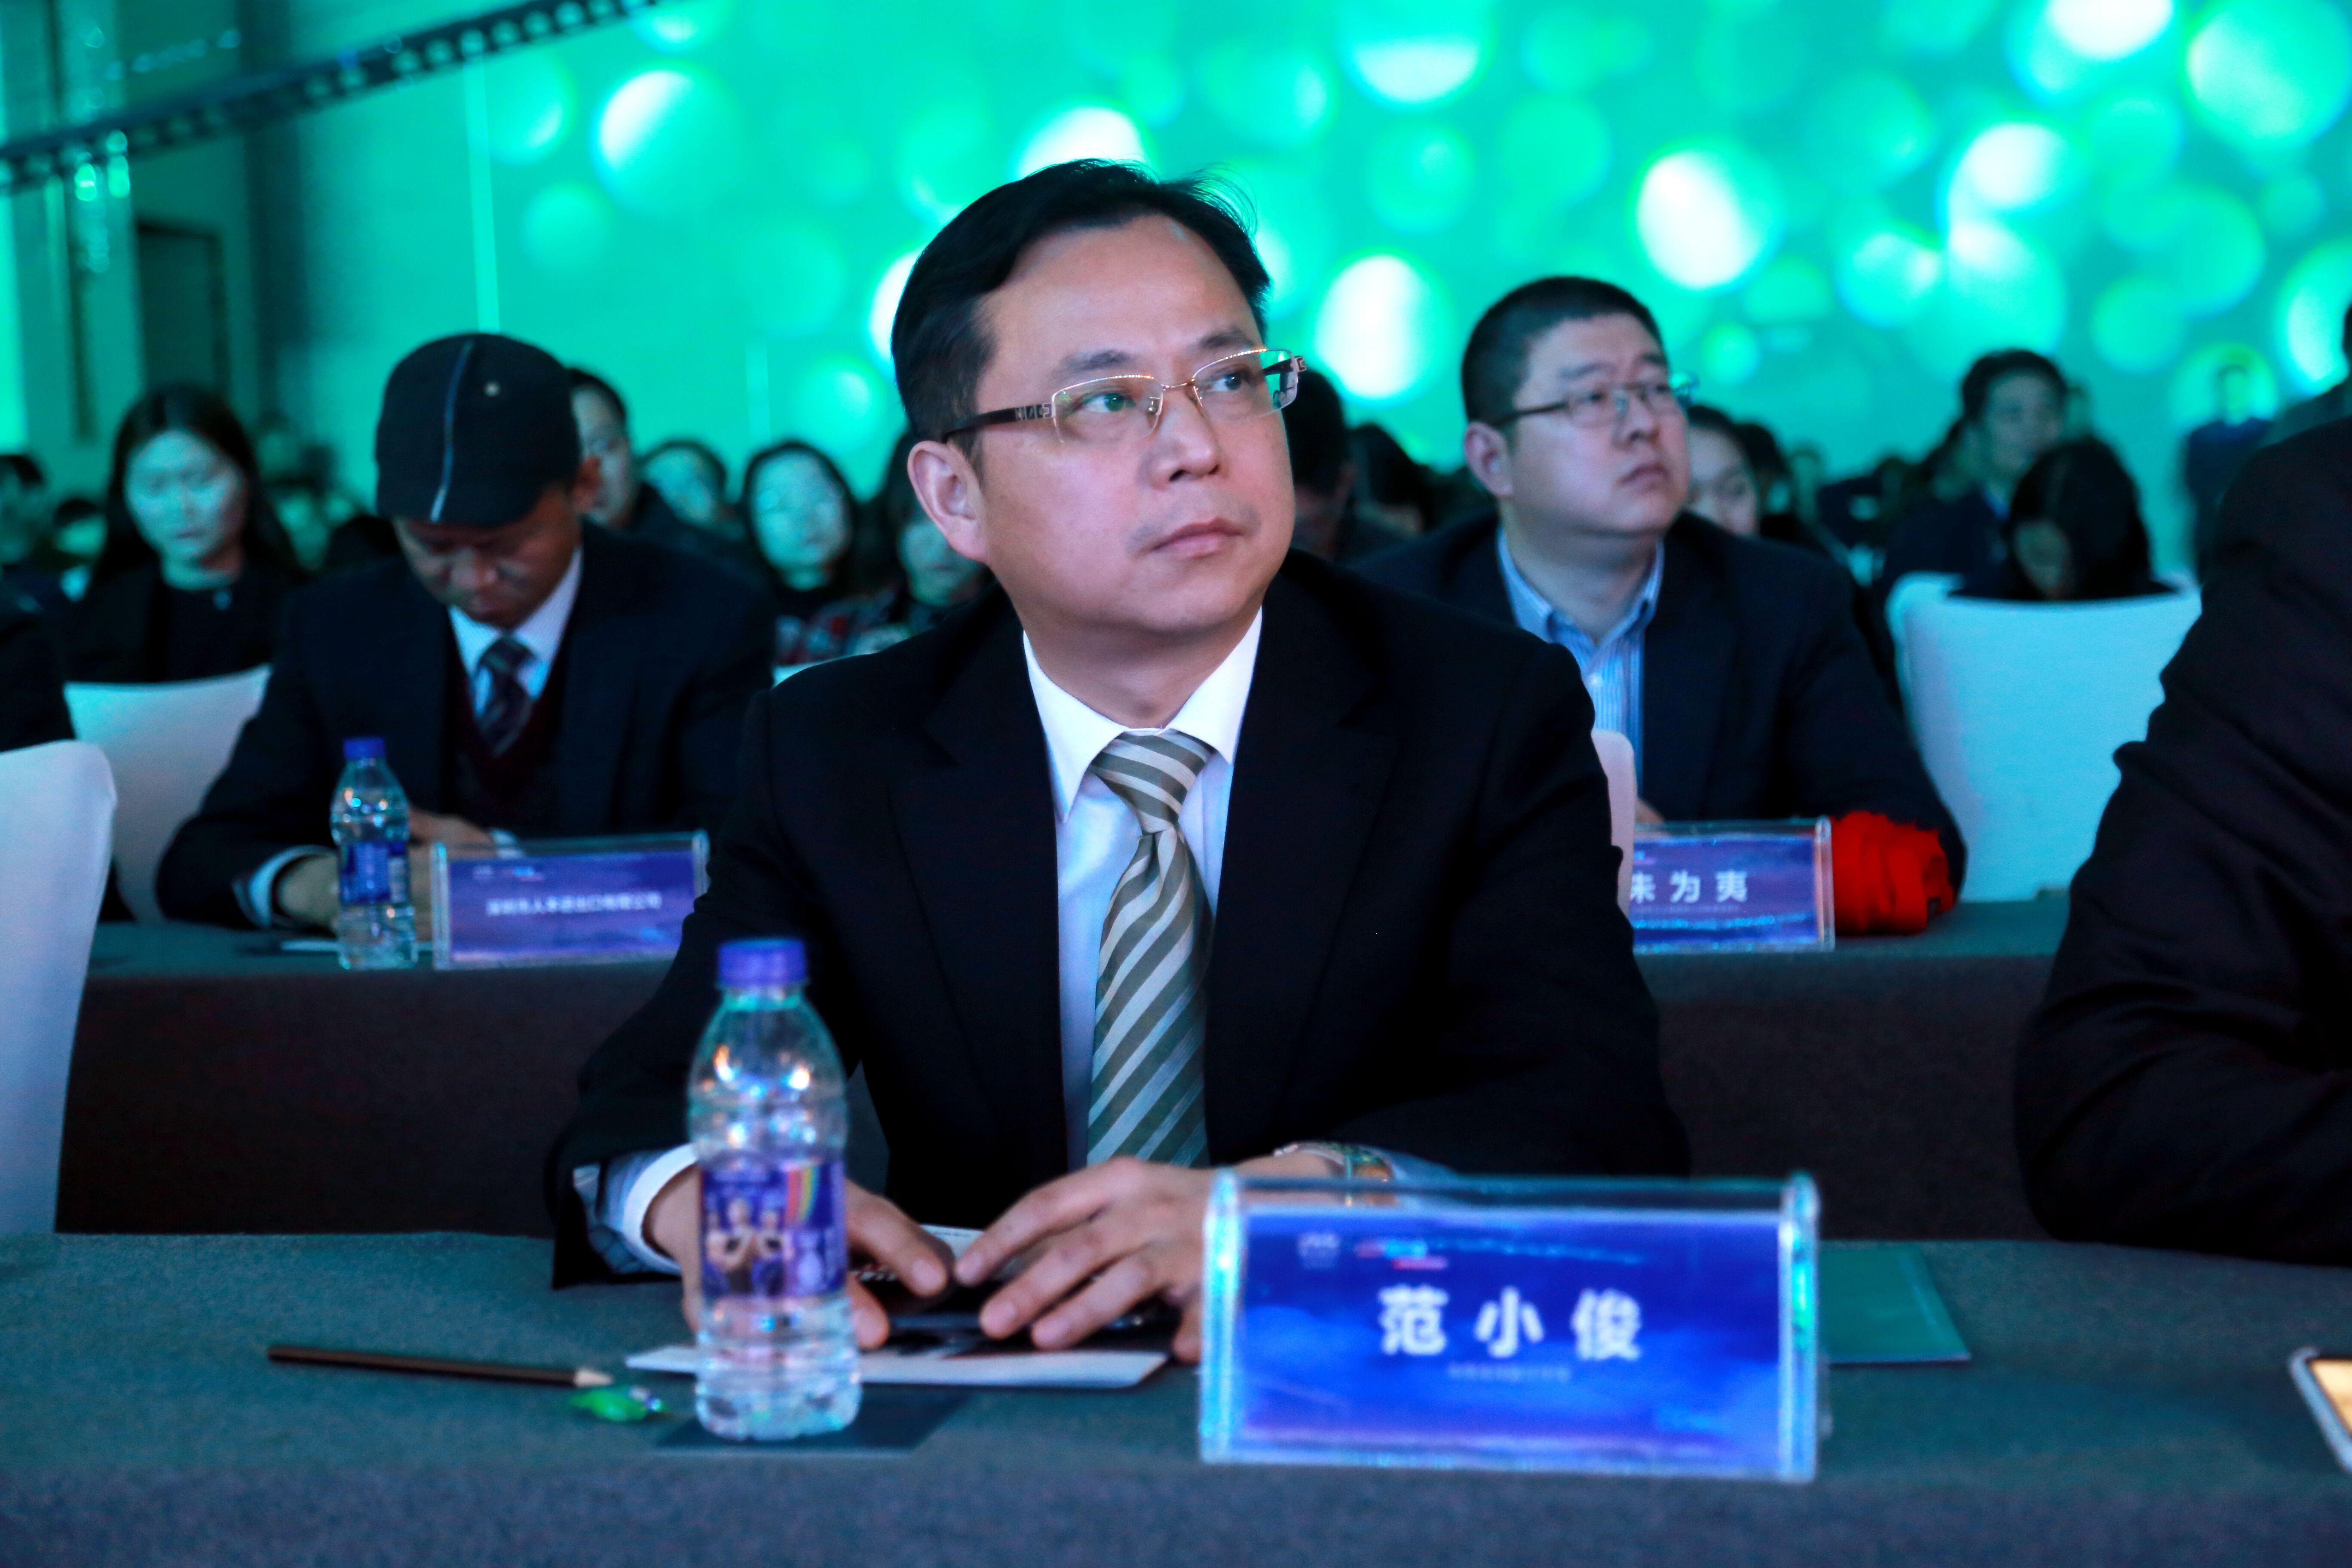 华南城网范小俊:坚持的力量 互联网人23载岁月峥嵘